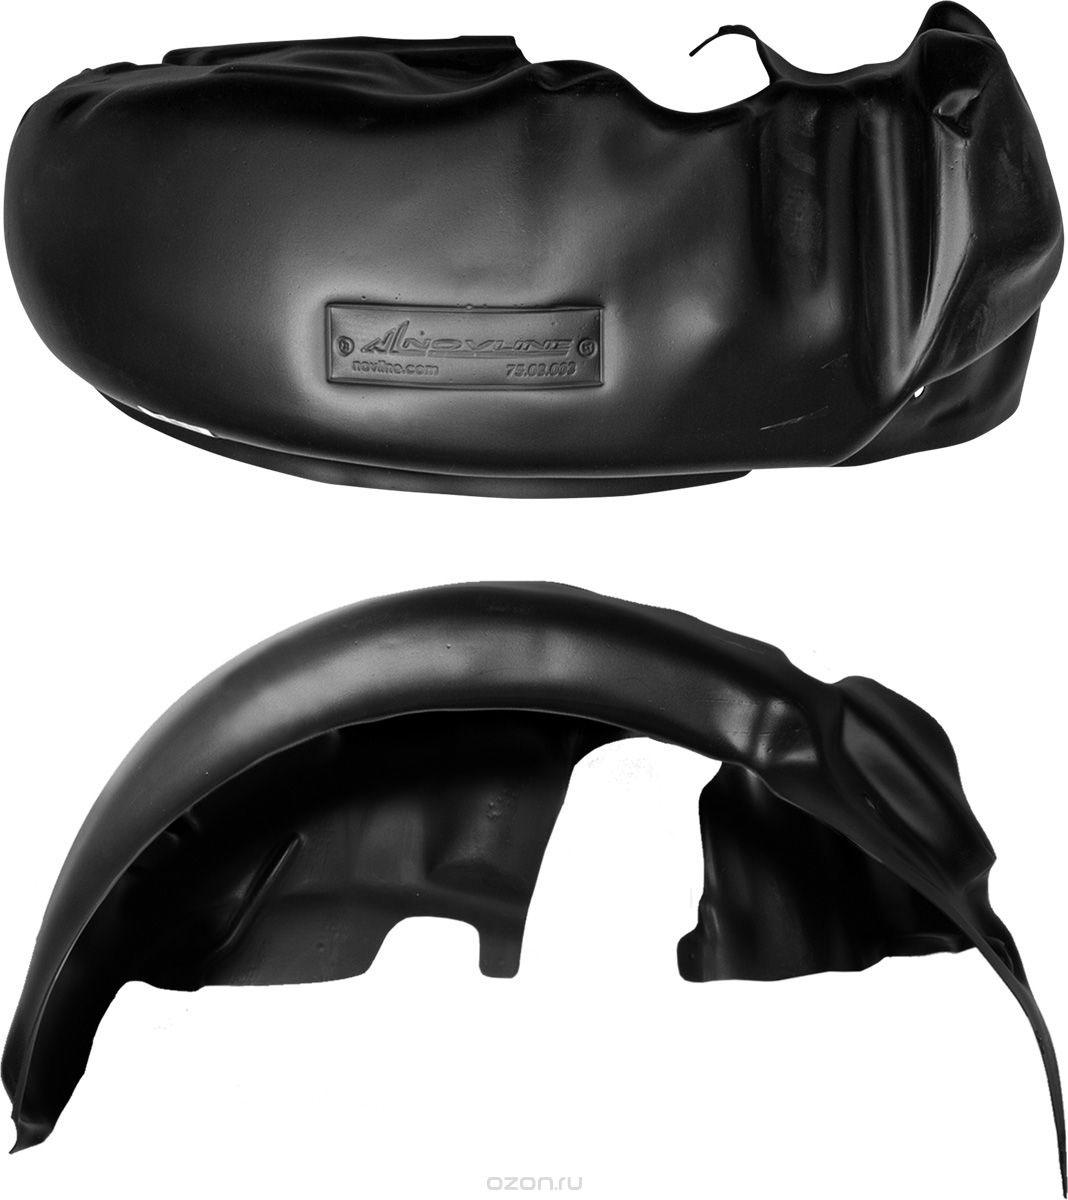 Подкрылок Novline-Autofamily, для Toyota Venza , 2013->, передний правыйNLL.48.56.002Идеальная защита колесной ниши. Локеры разработаны с применением цифровых технологий, гарантируют максимальную повторяемость поверхности арки. Изделия устанавливаются без нарушения лакокрасочного покрытия автомобиля, каждый подкрылок комплектуется крепежом. Уважаемые клиенты, обращаем ваше внимание, что фотографии на подкрылки универсальные и не отражают реальную форму изделия. При этом само изделие идет точно под размер указанного автомобиля.